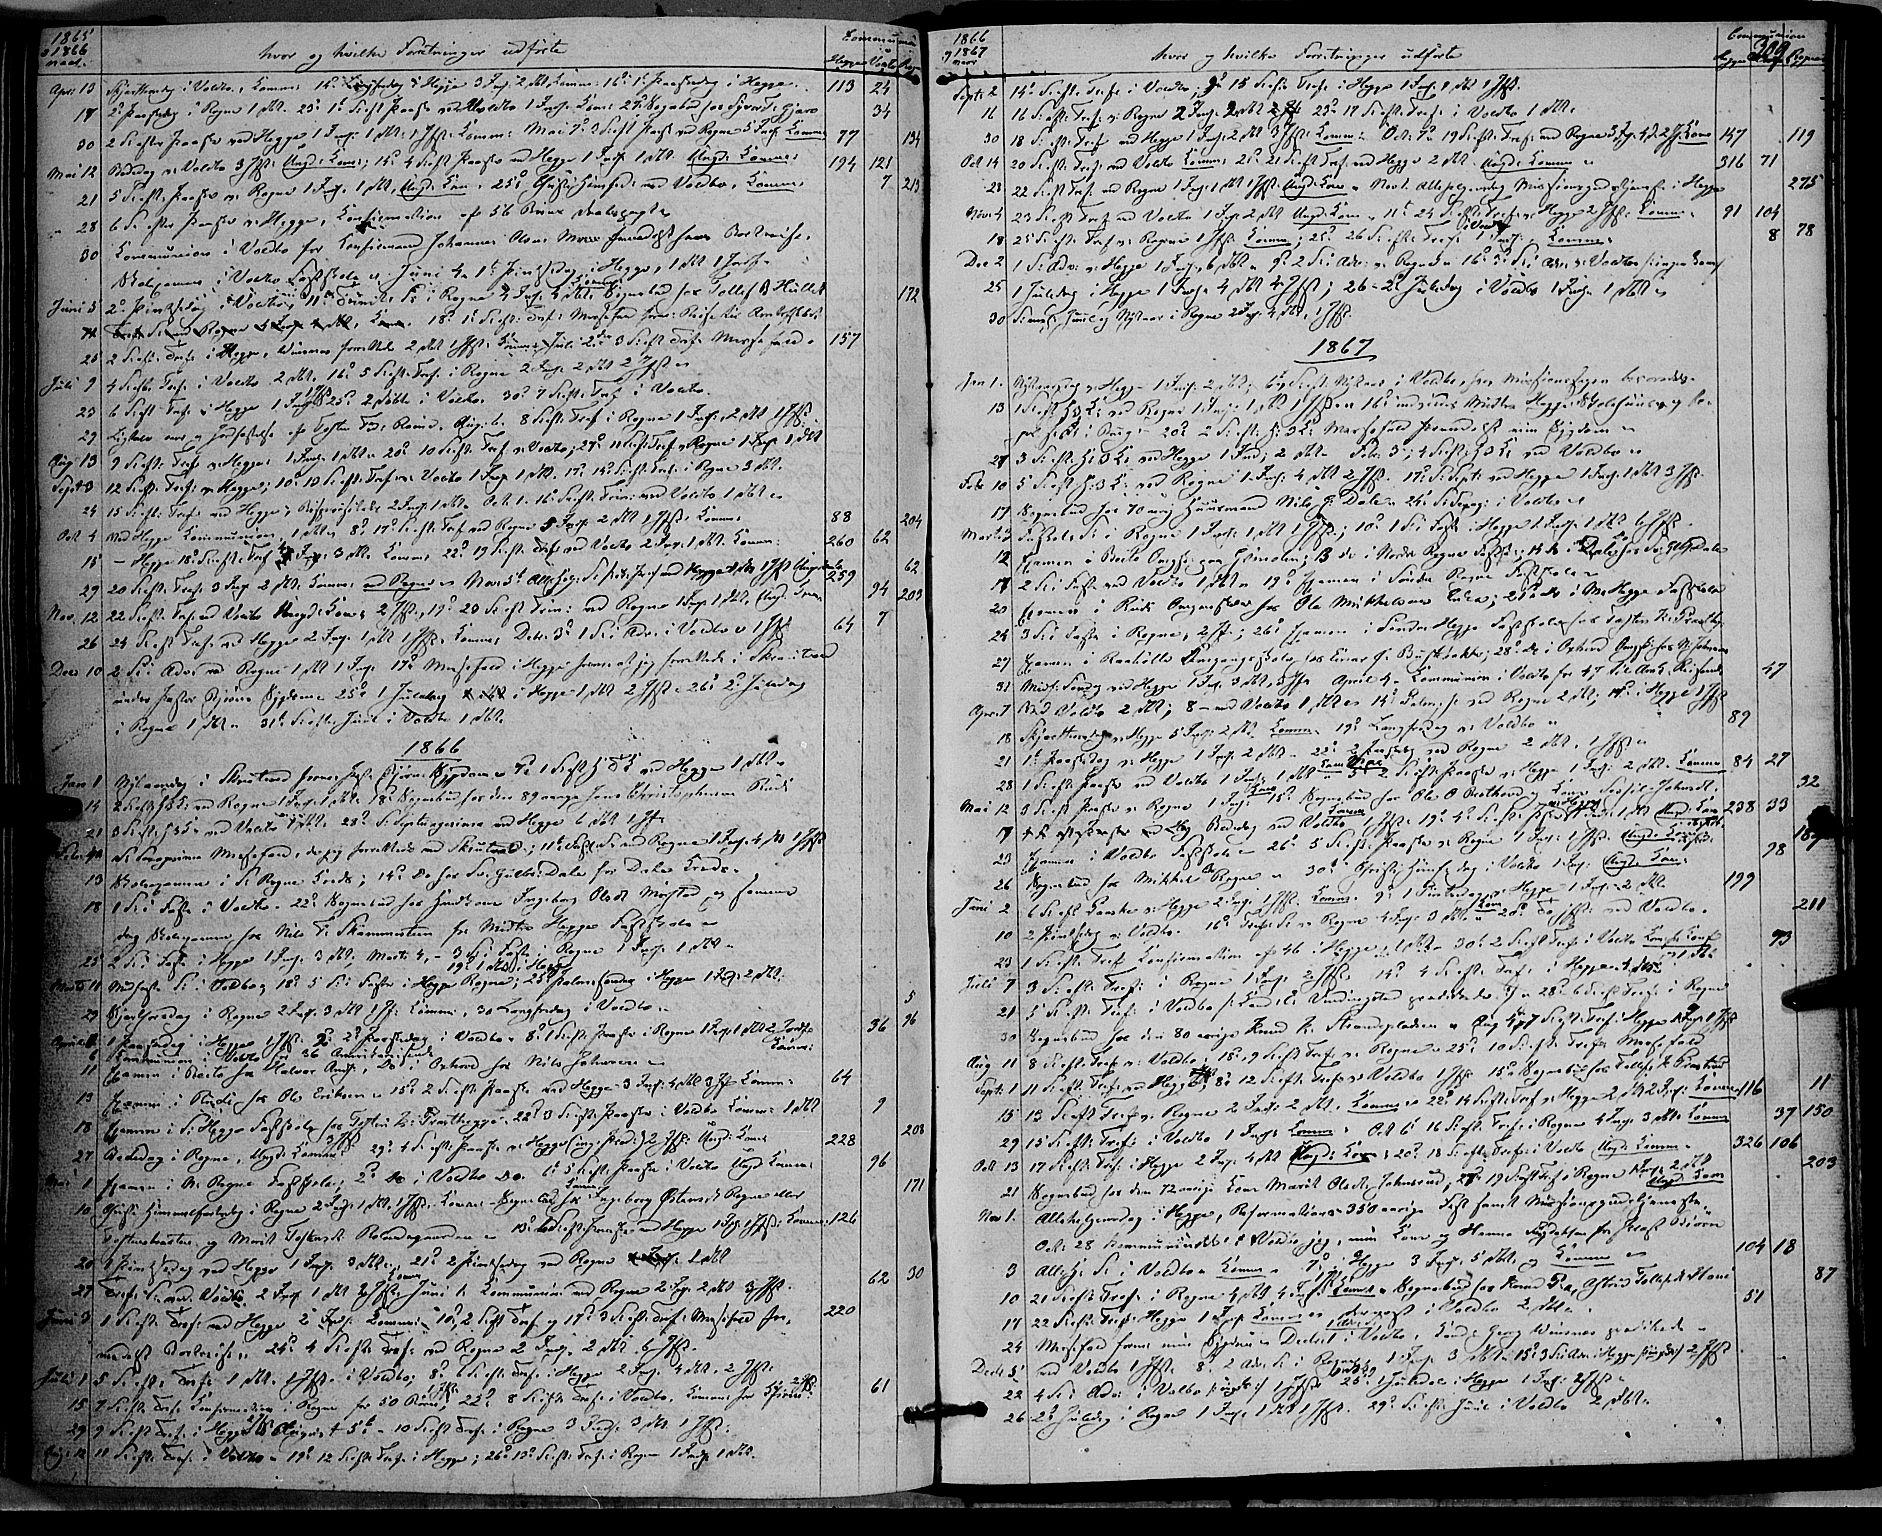 SAH, Øystre Slidre prestekontor, Ministerialbok nr. 1, 1849-1874, s. 308